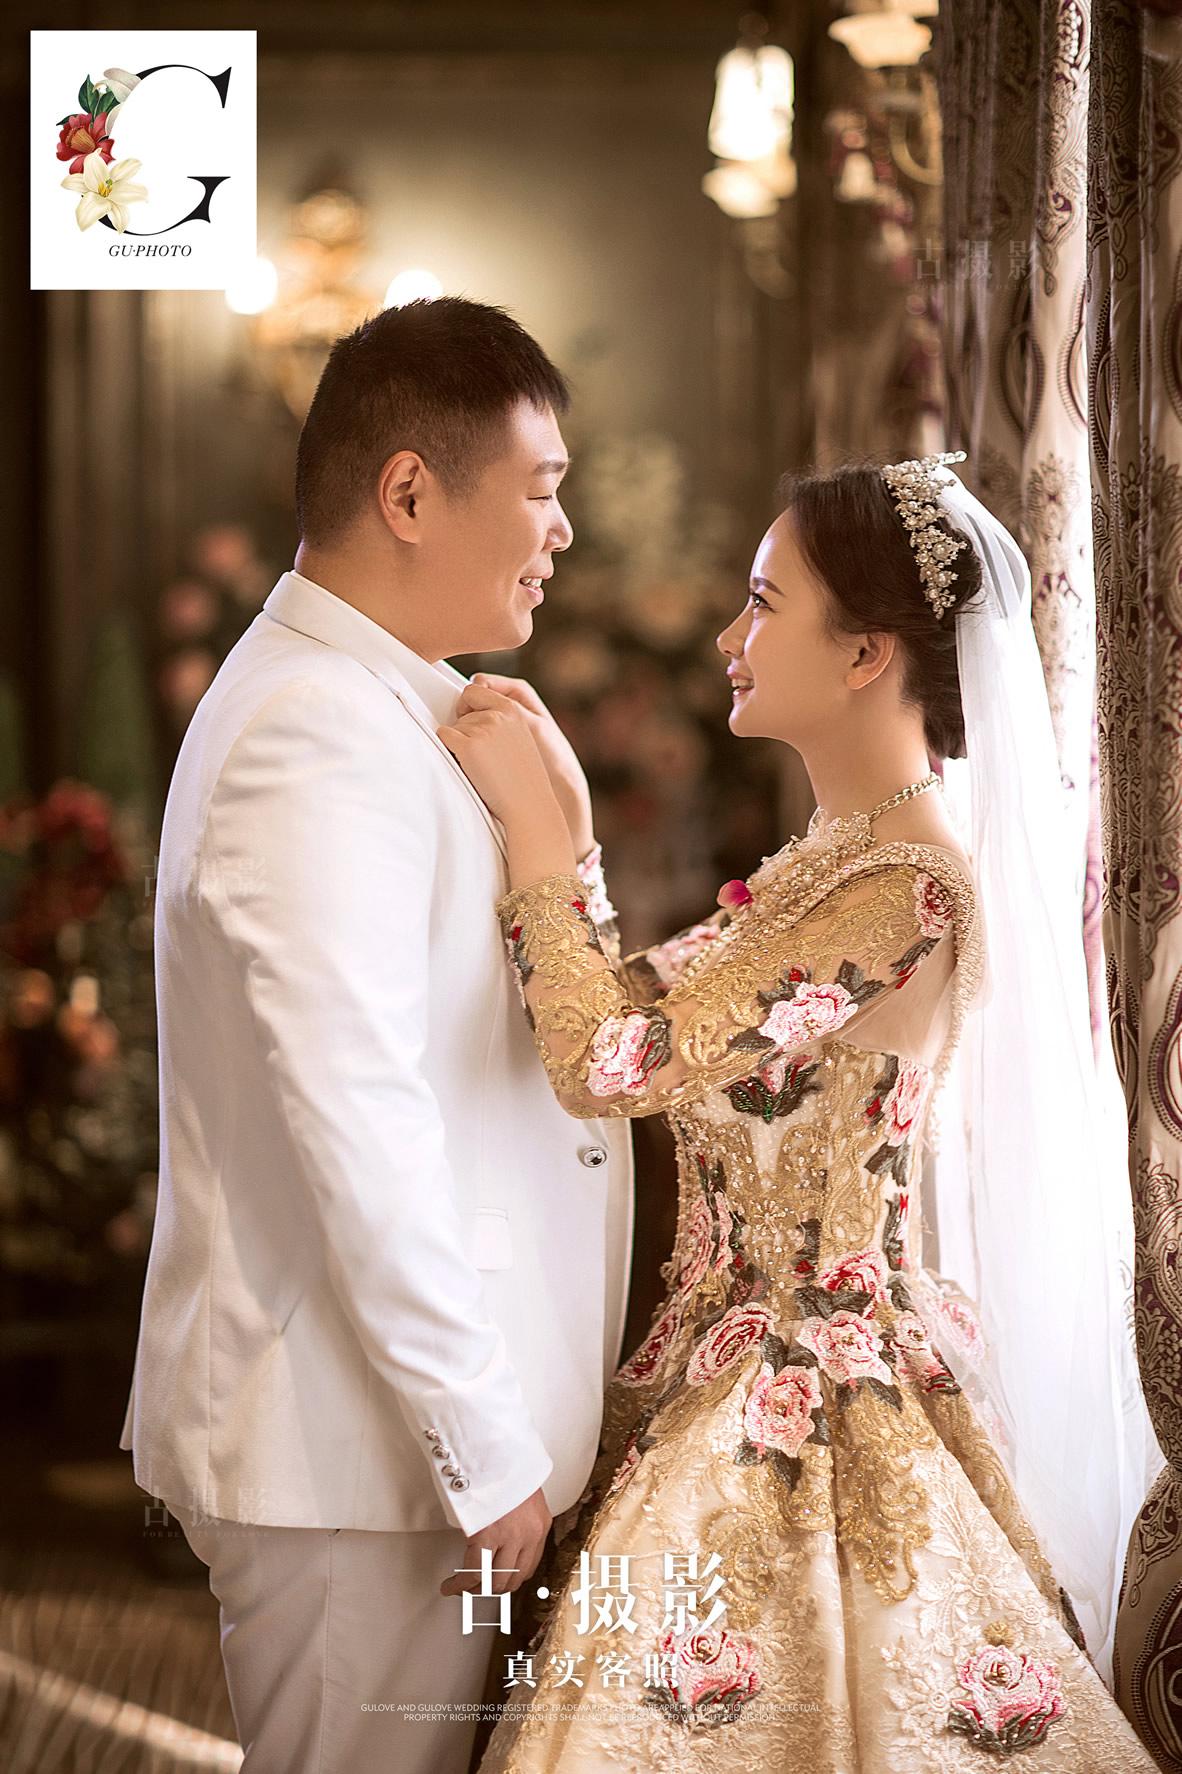 3月13日客片王先生 鲁小姐 - 每日客照 - love昆明古摄影-昆明婚纱摄影网